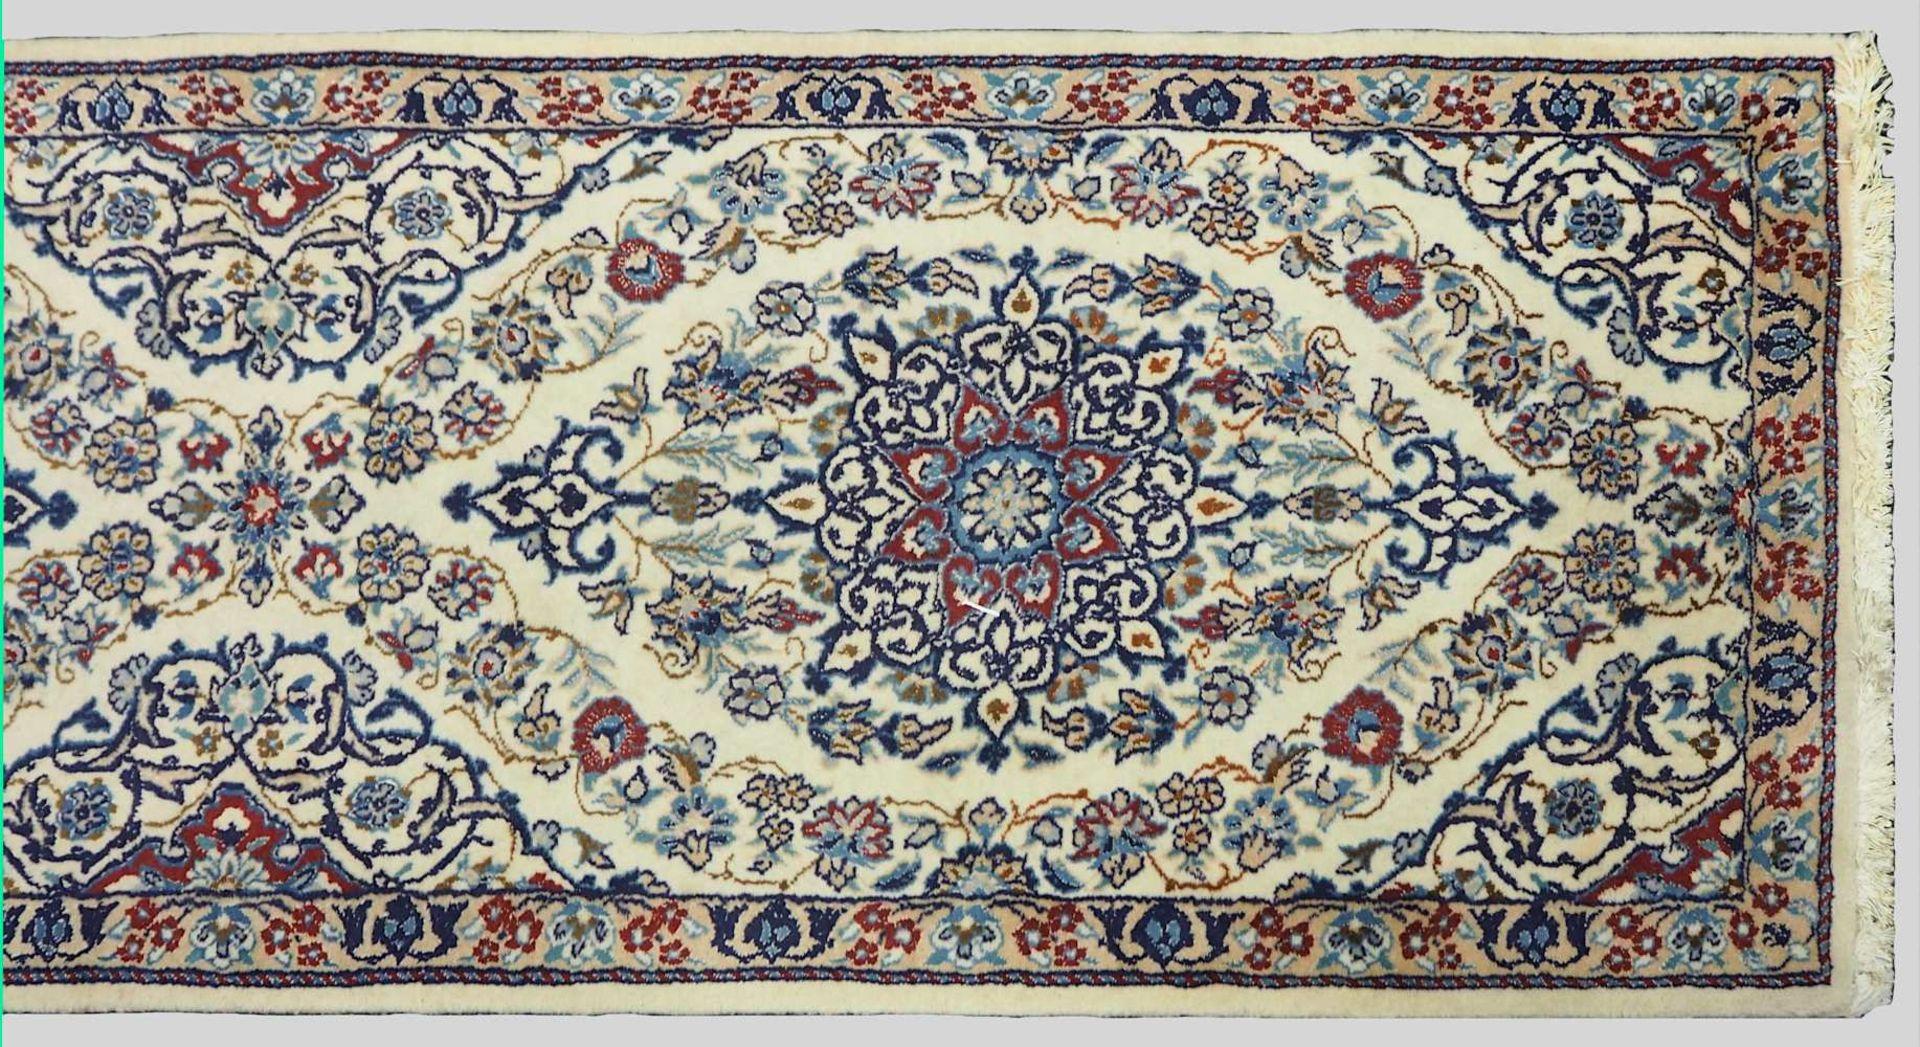 1 Orientgalerie wohl NAIN, 20. Jh. beigegrundig, Mittelfeld mit Blumengirlanden- und M - Bild 2 aus 2